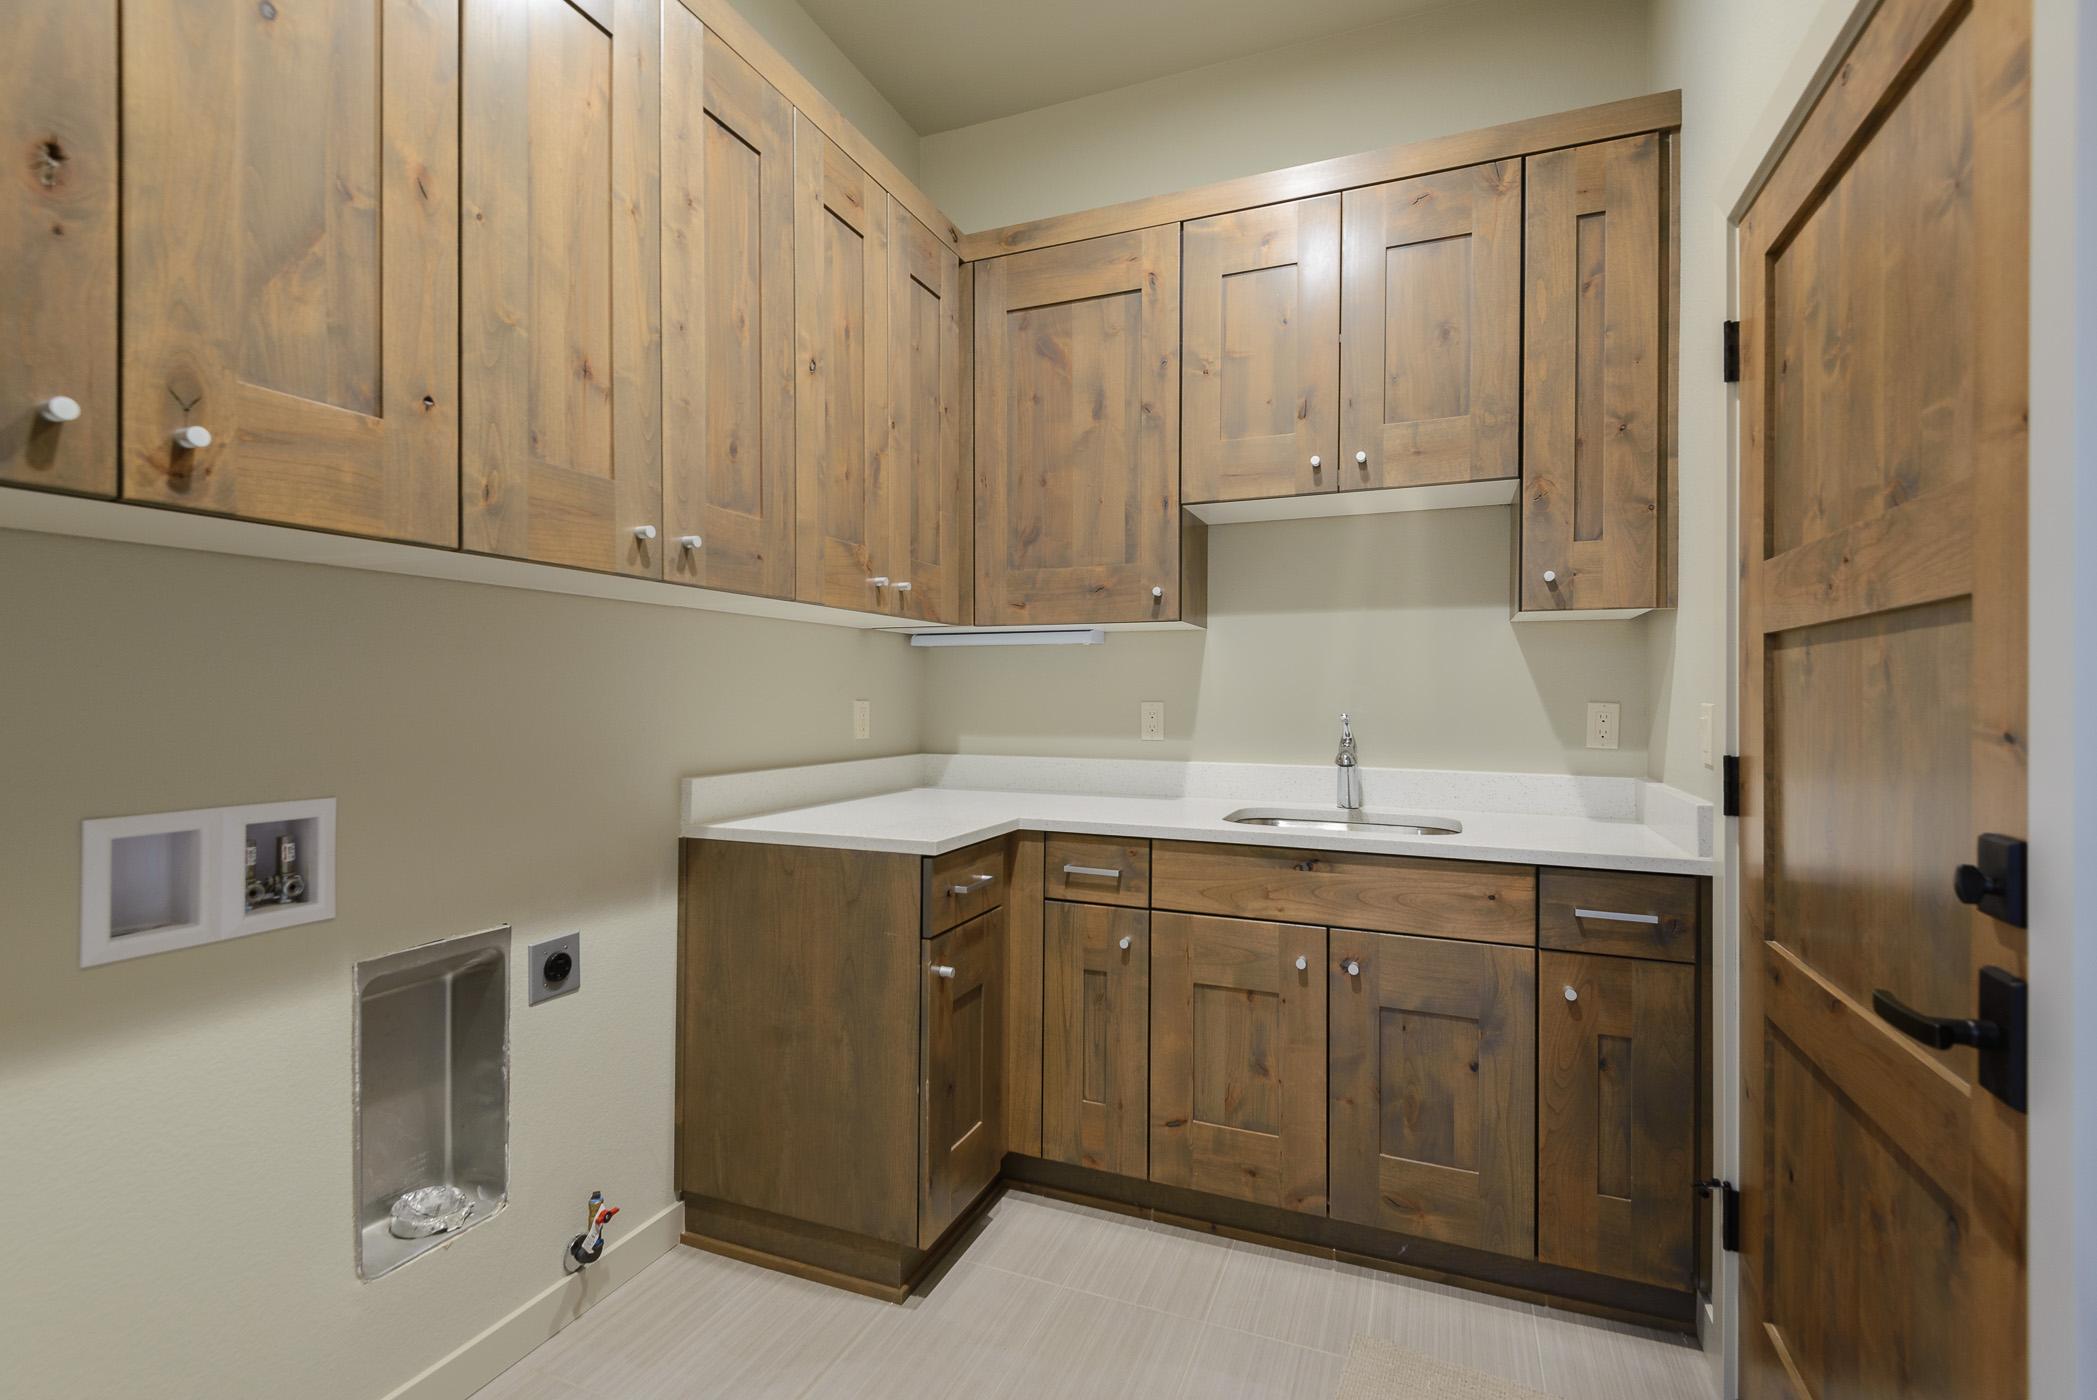 Milepost 1 Model Home laundry room